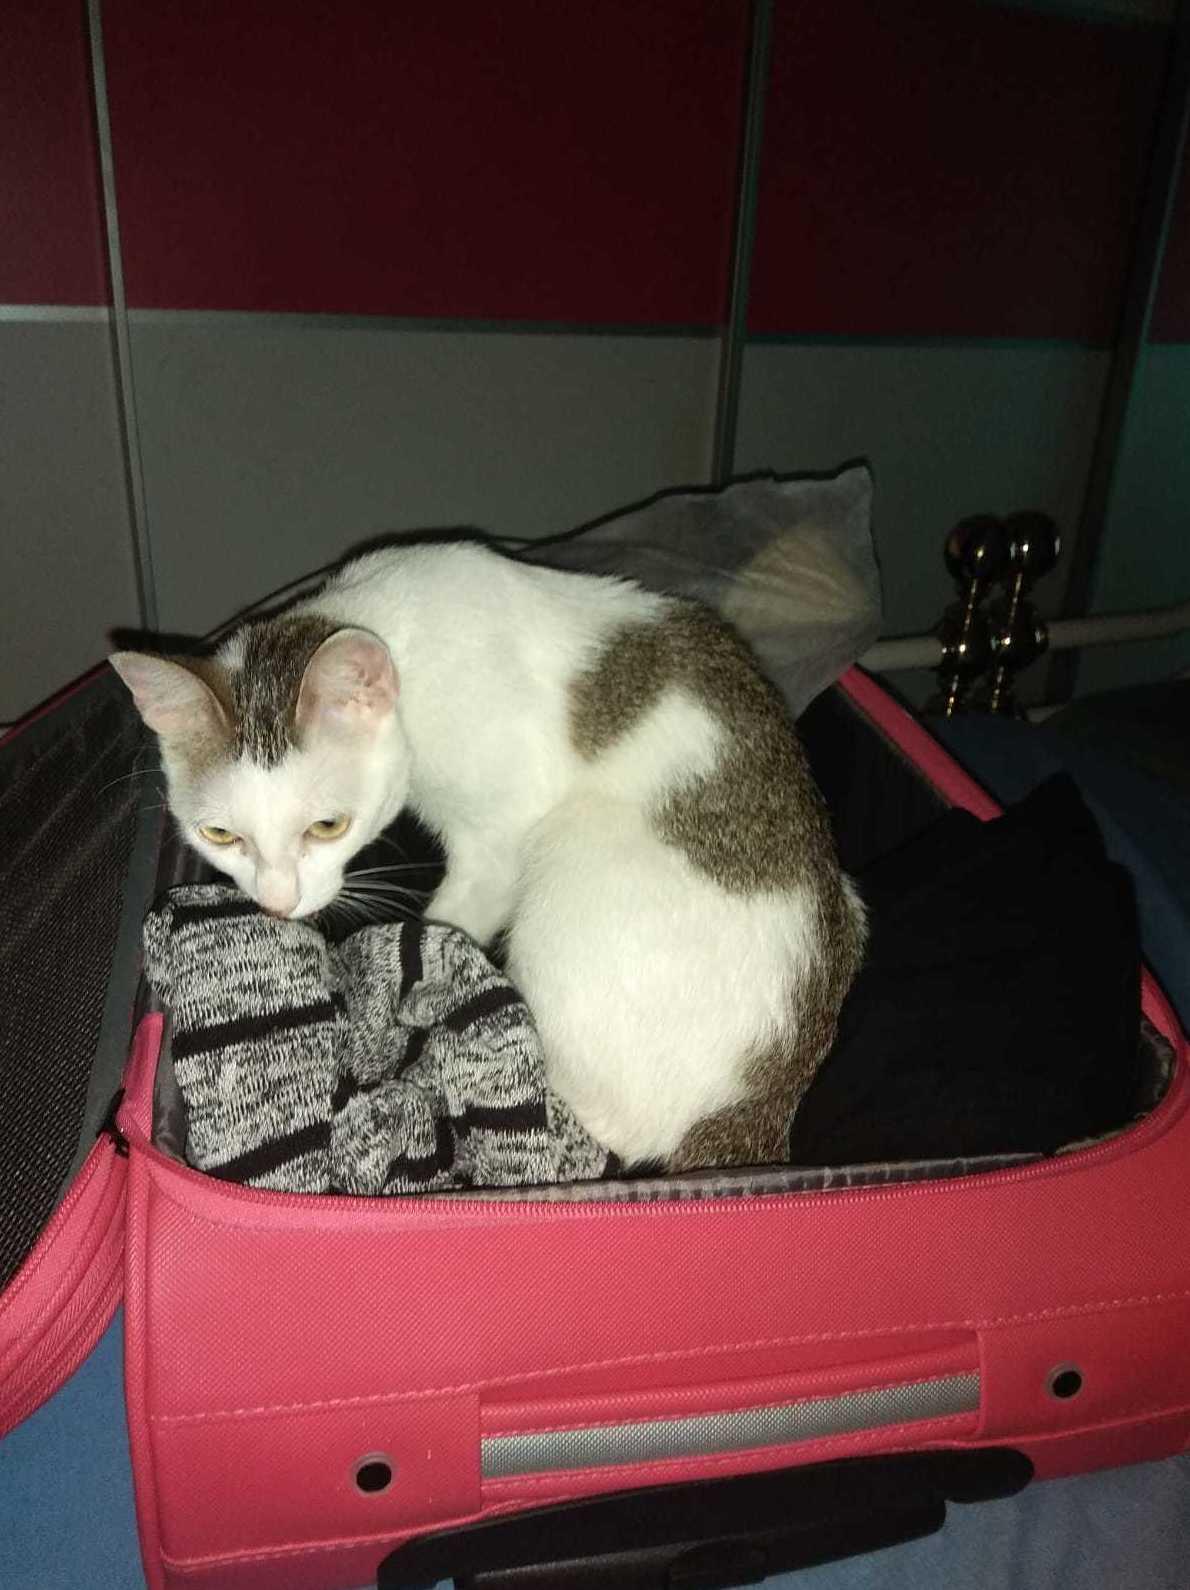 Frozen gata jugando en la maleta de su dueña que tiene forma de caja y les encanta pancreáticos puedes poner gatito vomitador utilizando comedero de glotones